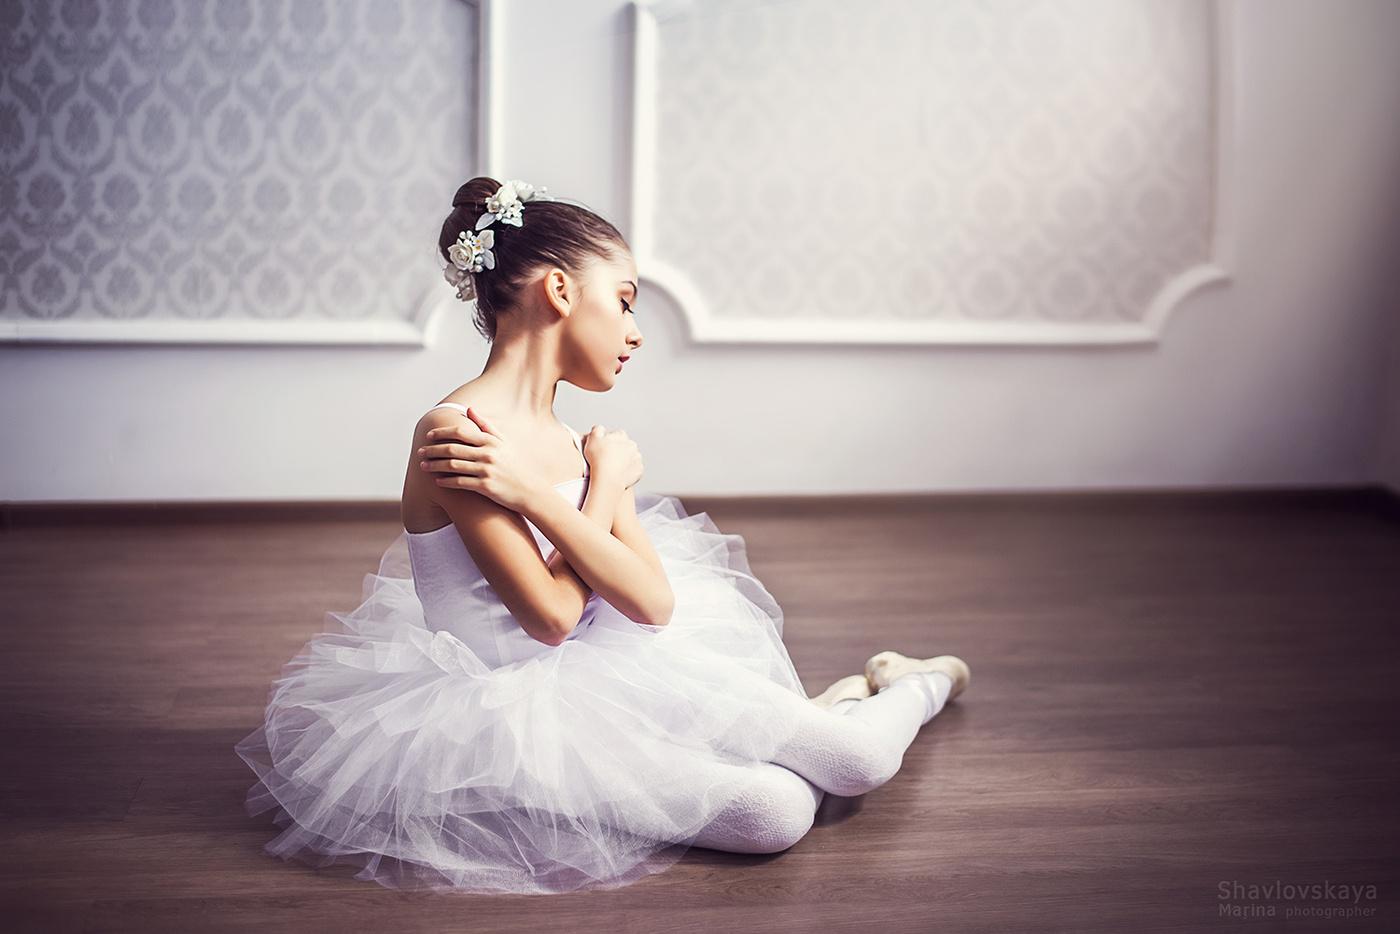 Девочка балерина